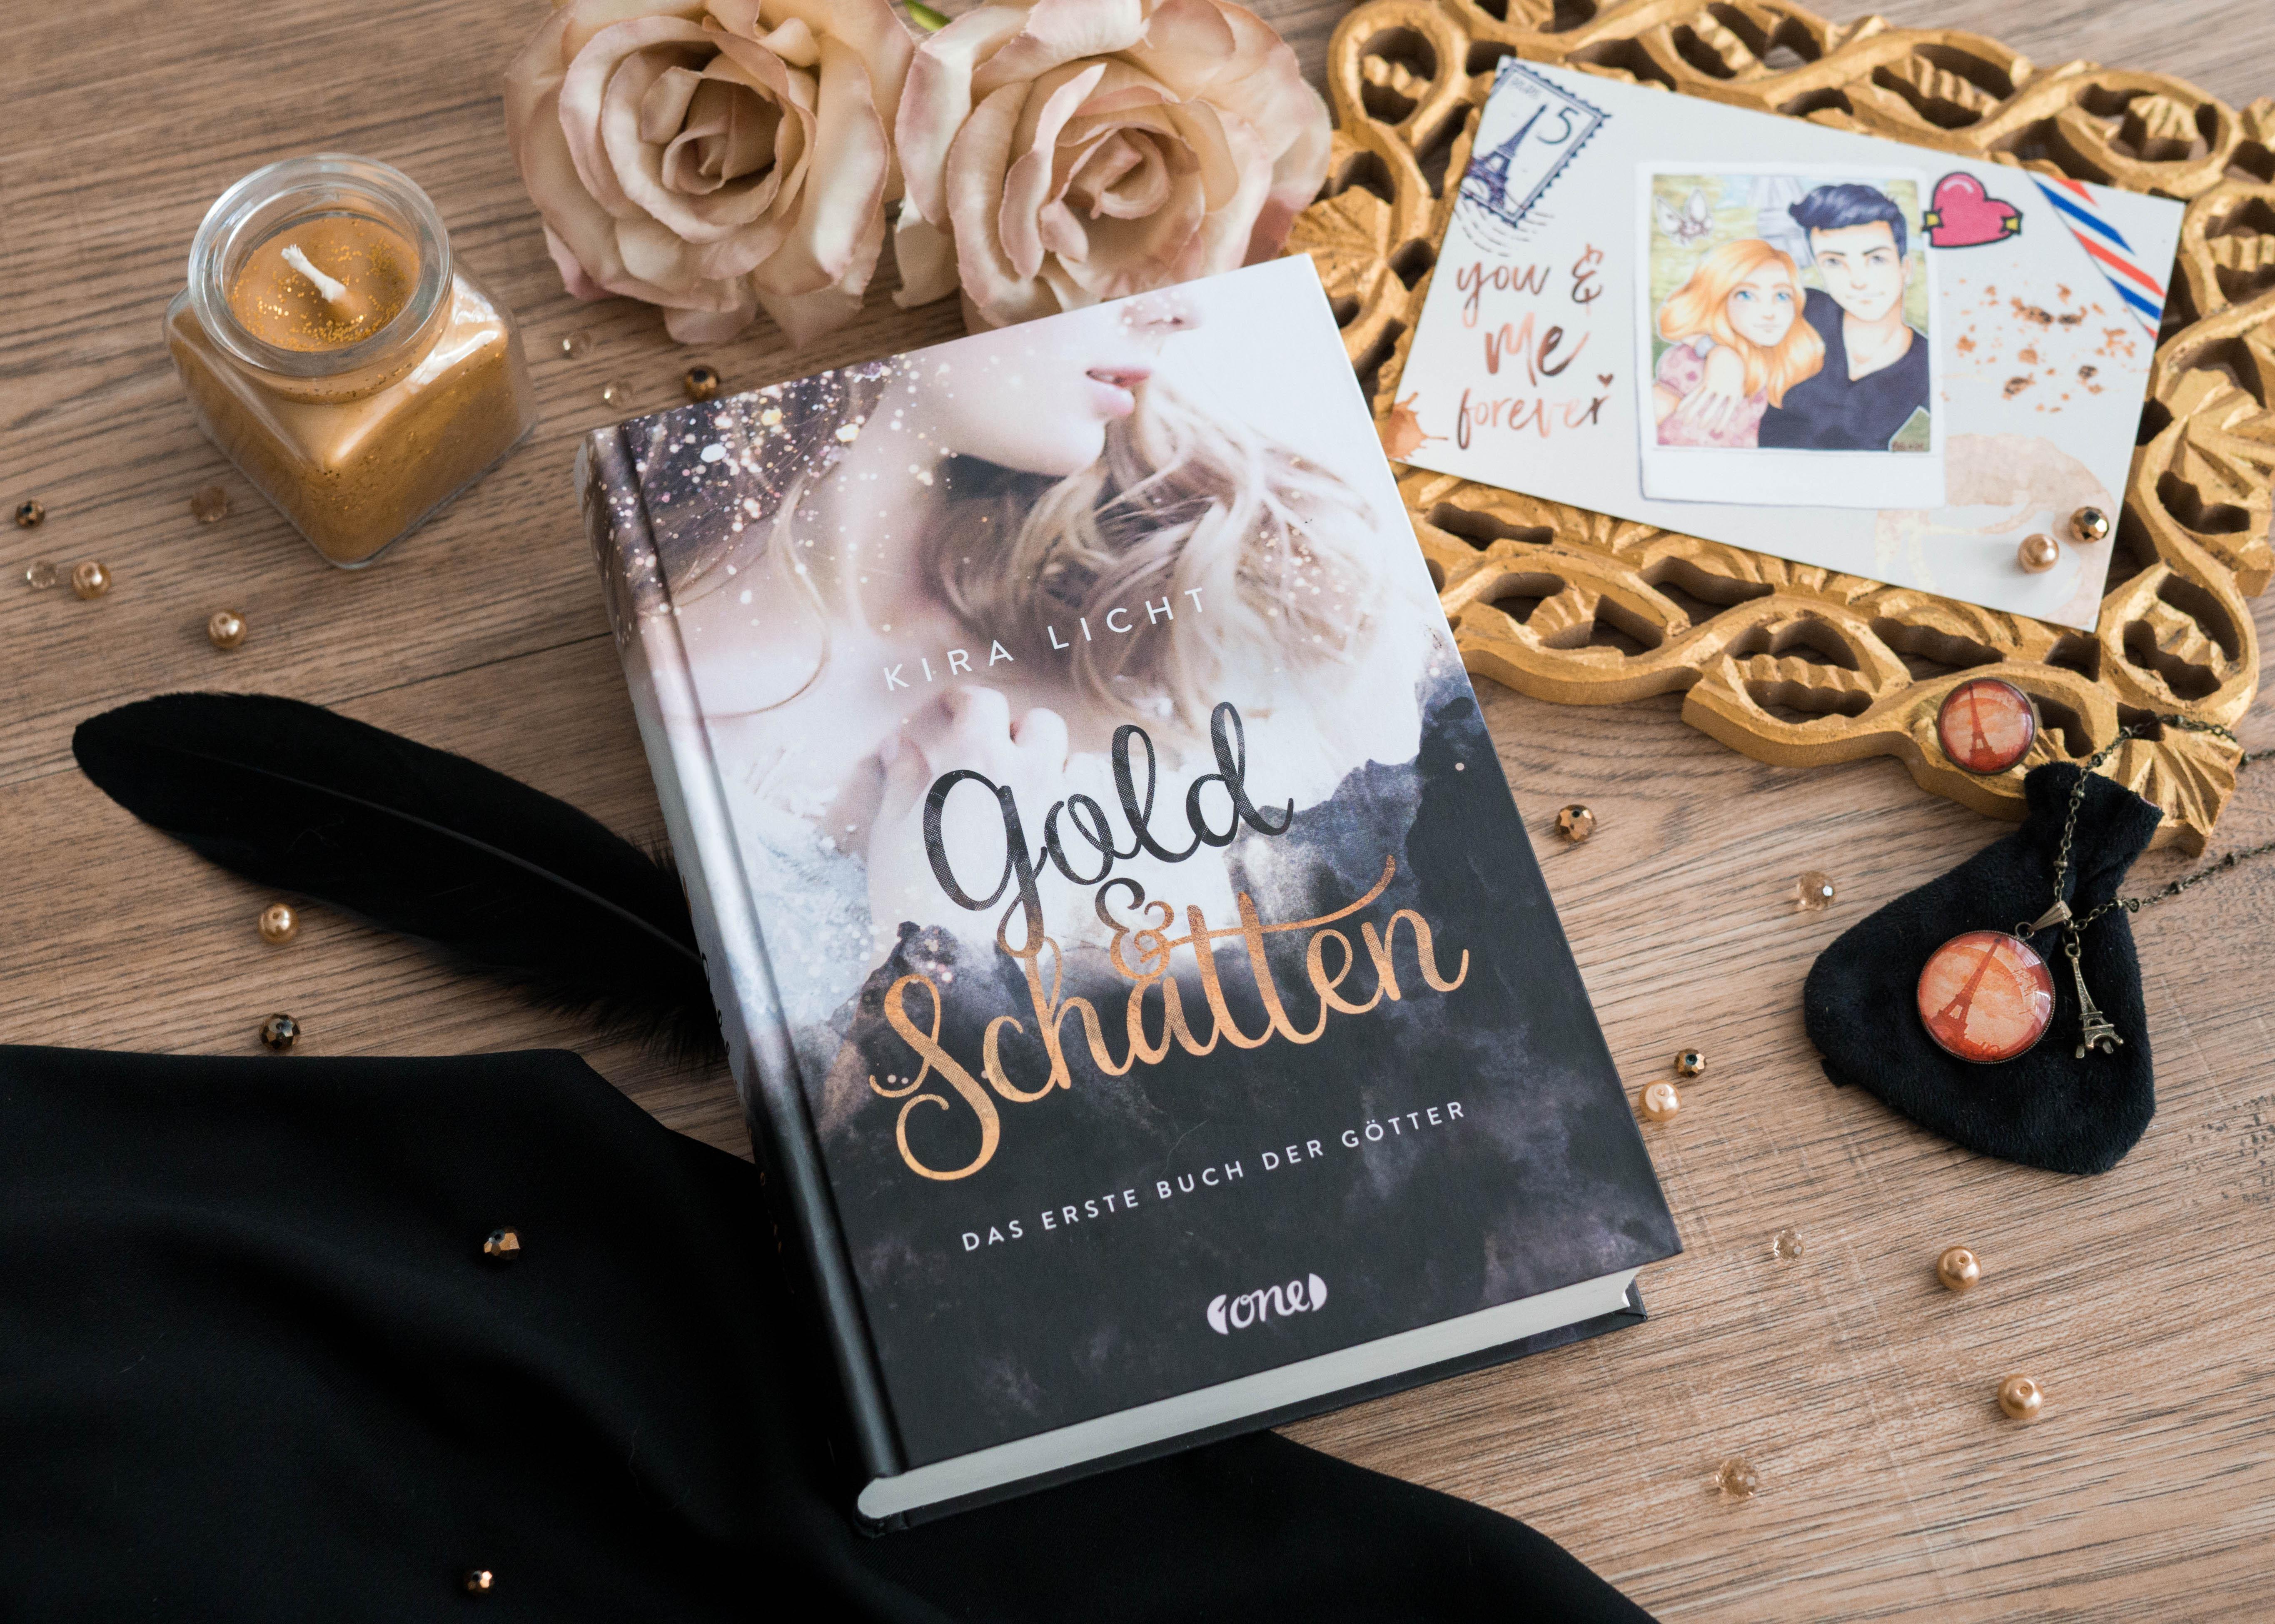 Gold & Schatten: Das erste Buch der Götter – Kira Licht graphic